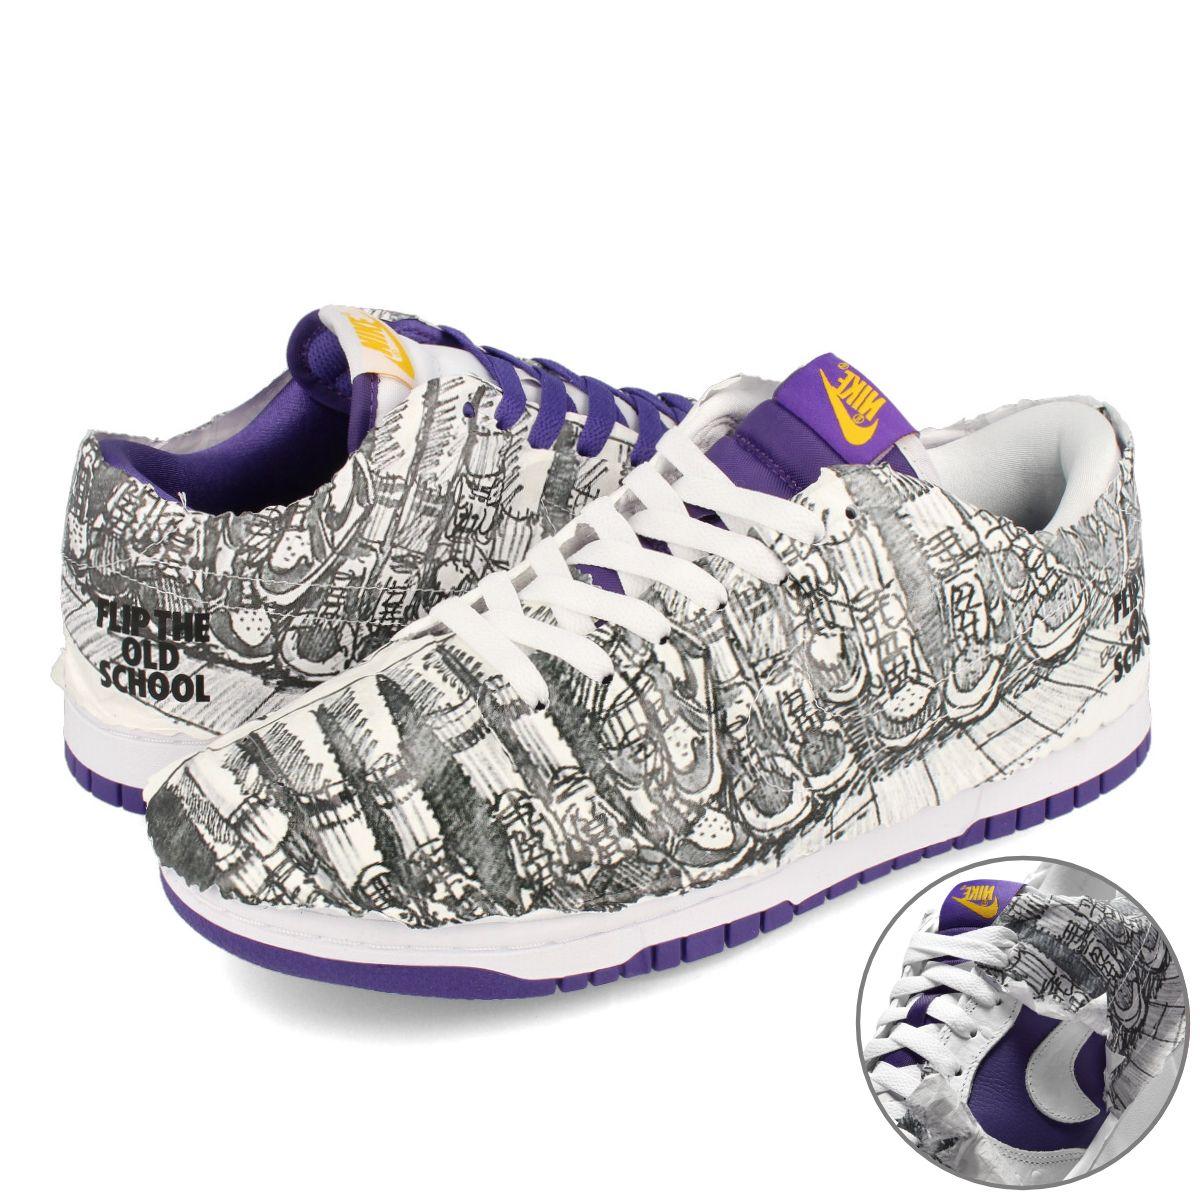 メンズ靴, スニーカー NIKE WMNS DUNK LOW SE FLIP THE OLD SCHOOL SE WHITEVARSITY PURPLEVARSITY MAZEBLACK dj4636-100